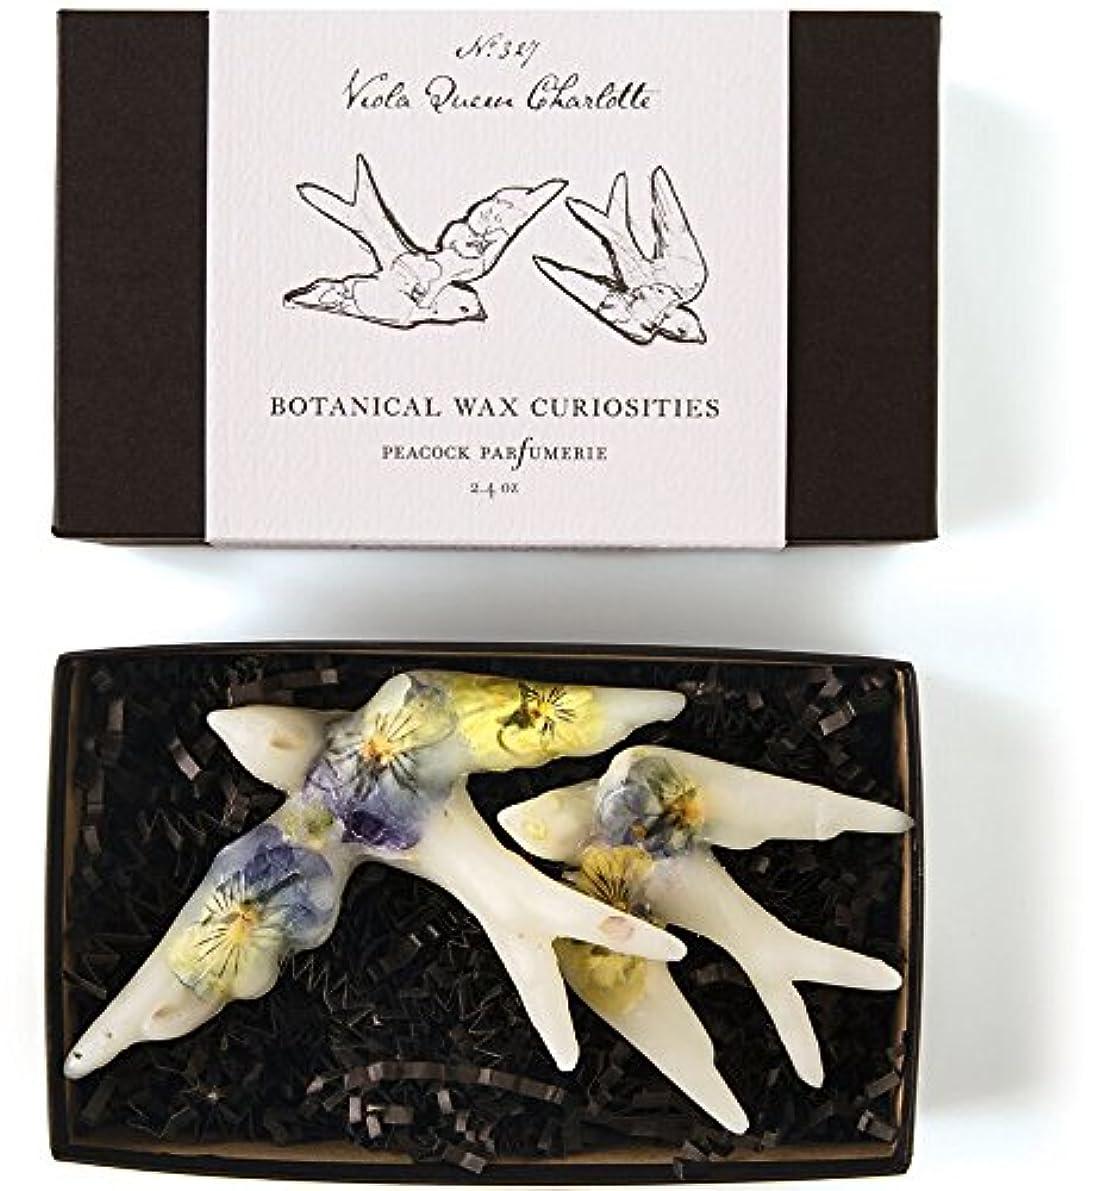 マーキー湖サンダースロージーリングス ボタニスト ボタニカルワックスキュリオシティ ビオラクィーンシャーロット ROSY RINGS Botanist Collection Botanical Wax Curiosities – Viola Queen Charlotte